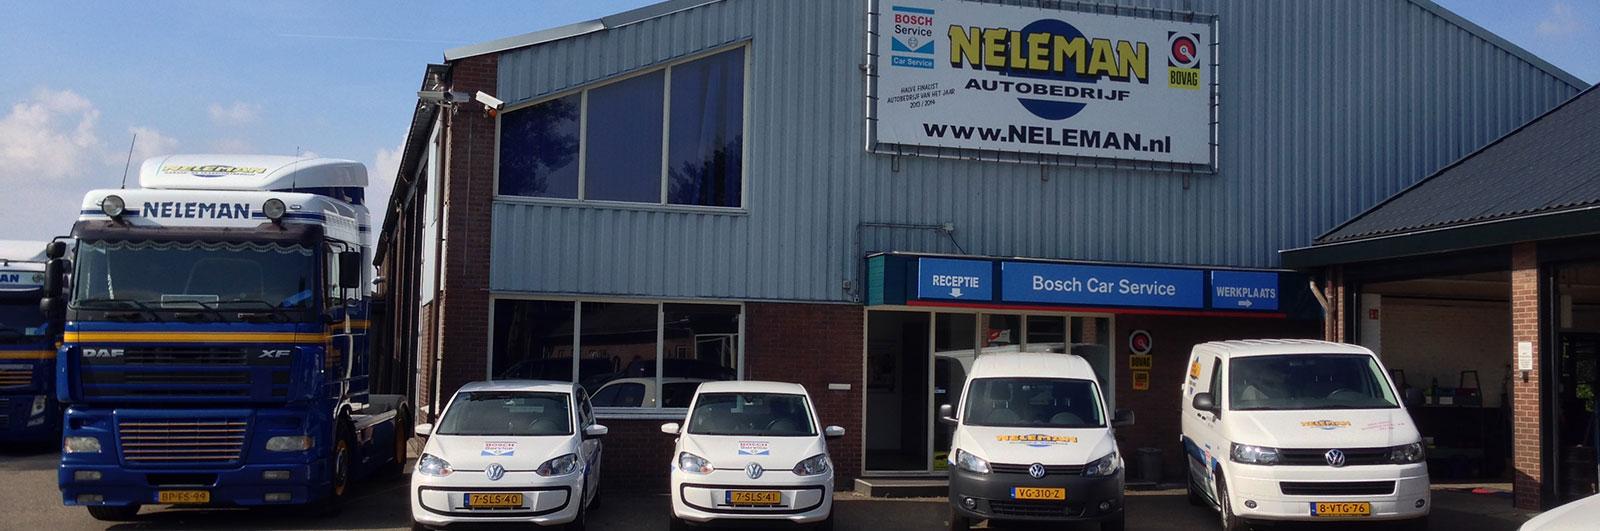 pand-neleman-autobedrijf-nieuwerkerk-ijssel